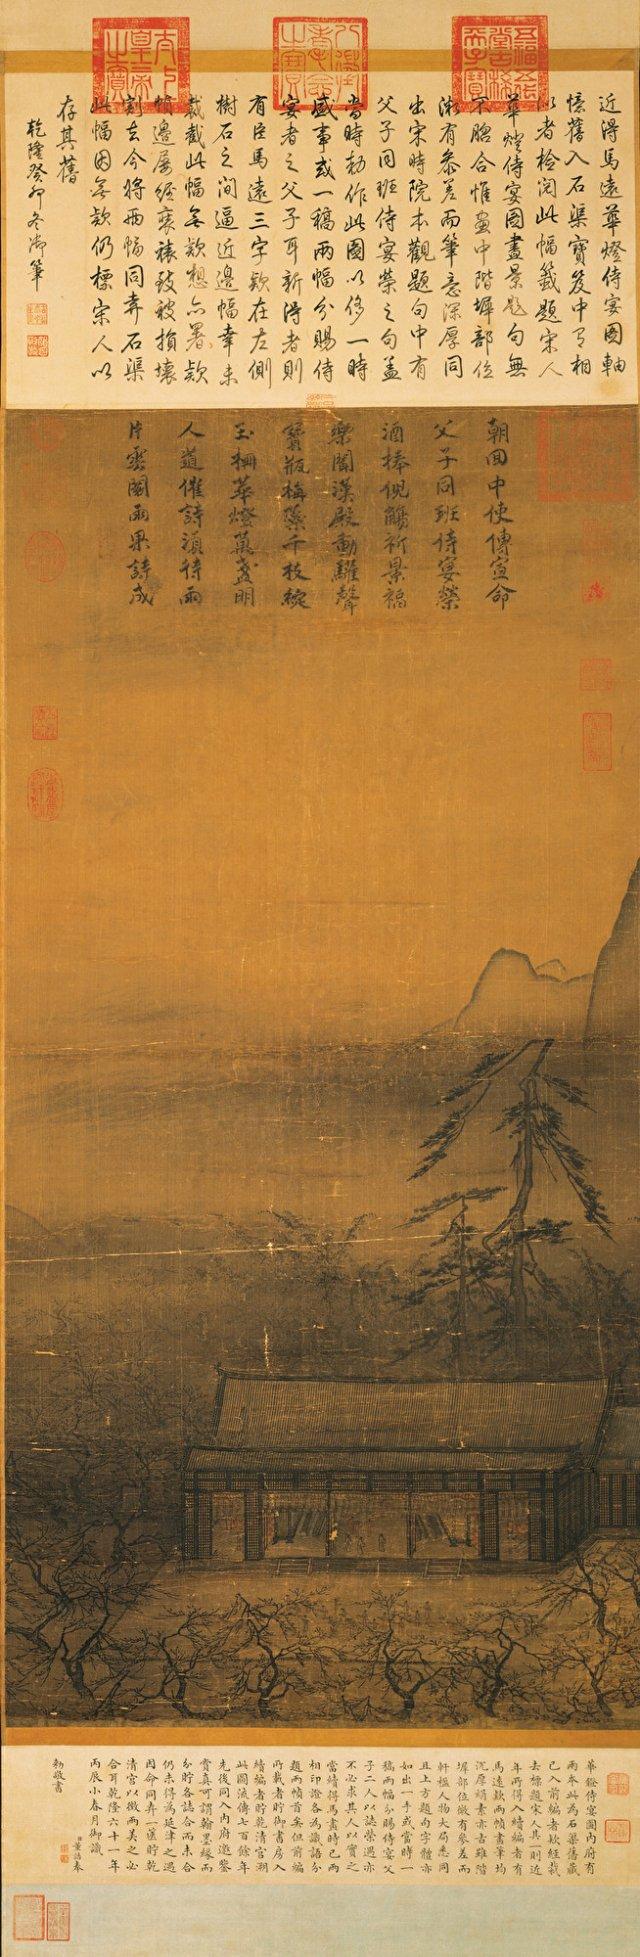 宋 馬遠《華燈侍宴圖》,臺北故宮博物院藏。(維基百科)